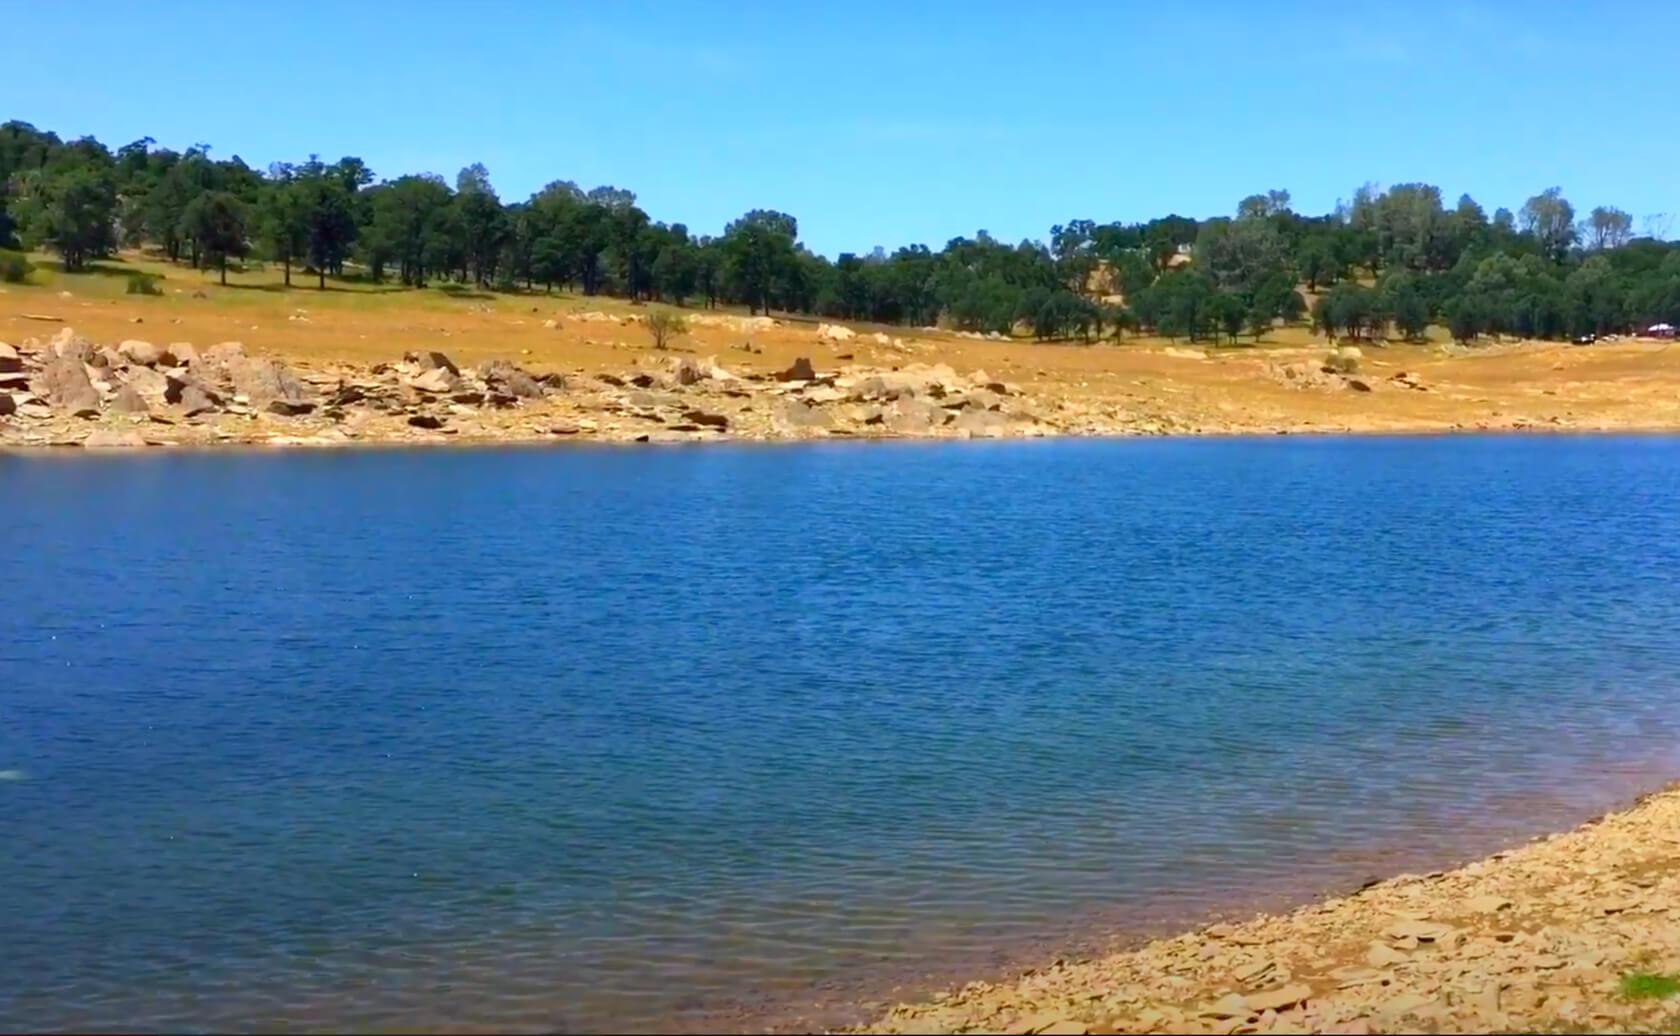 New-Hogan-Lake-Fishing-Guide-Report-California-07